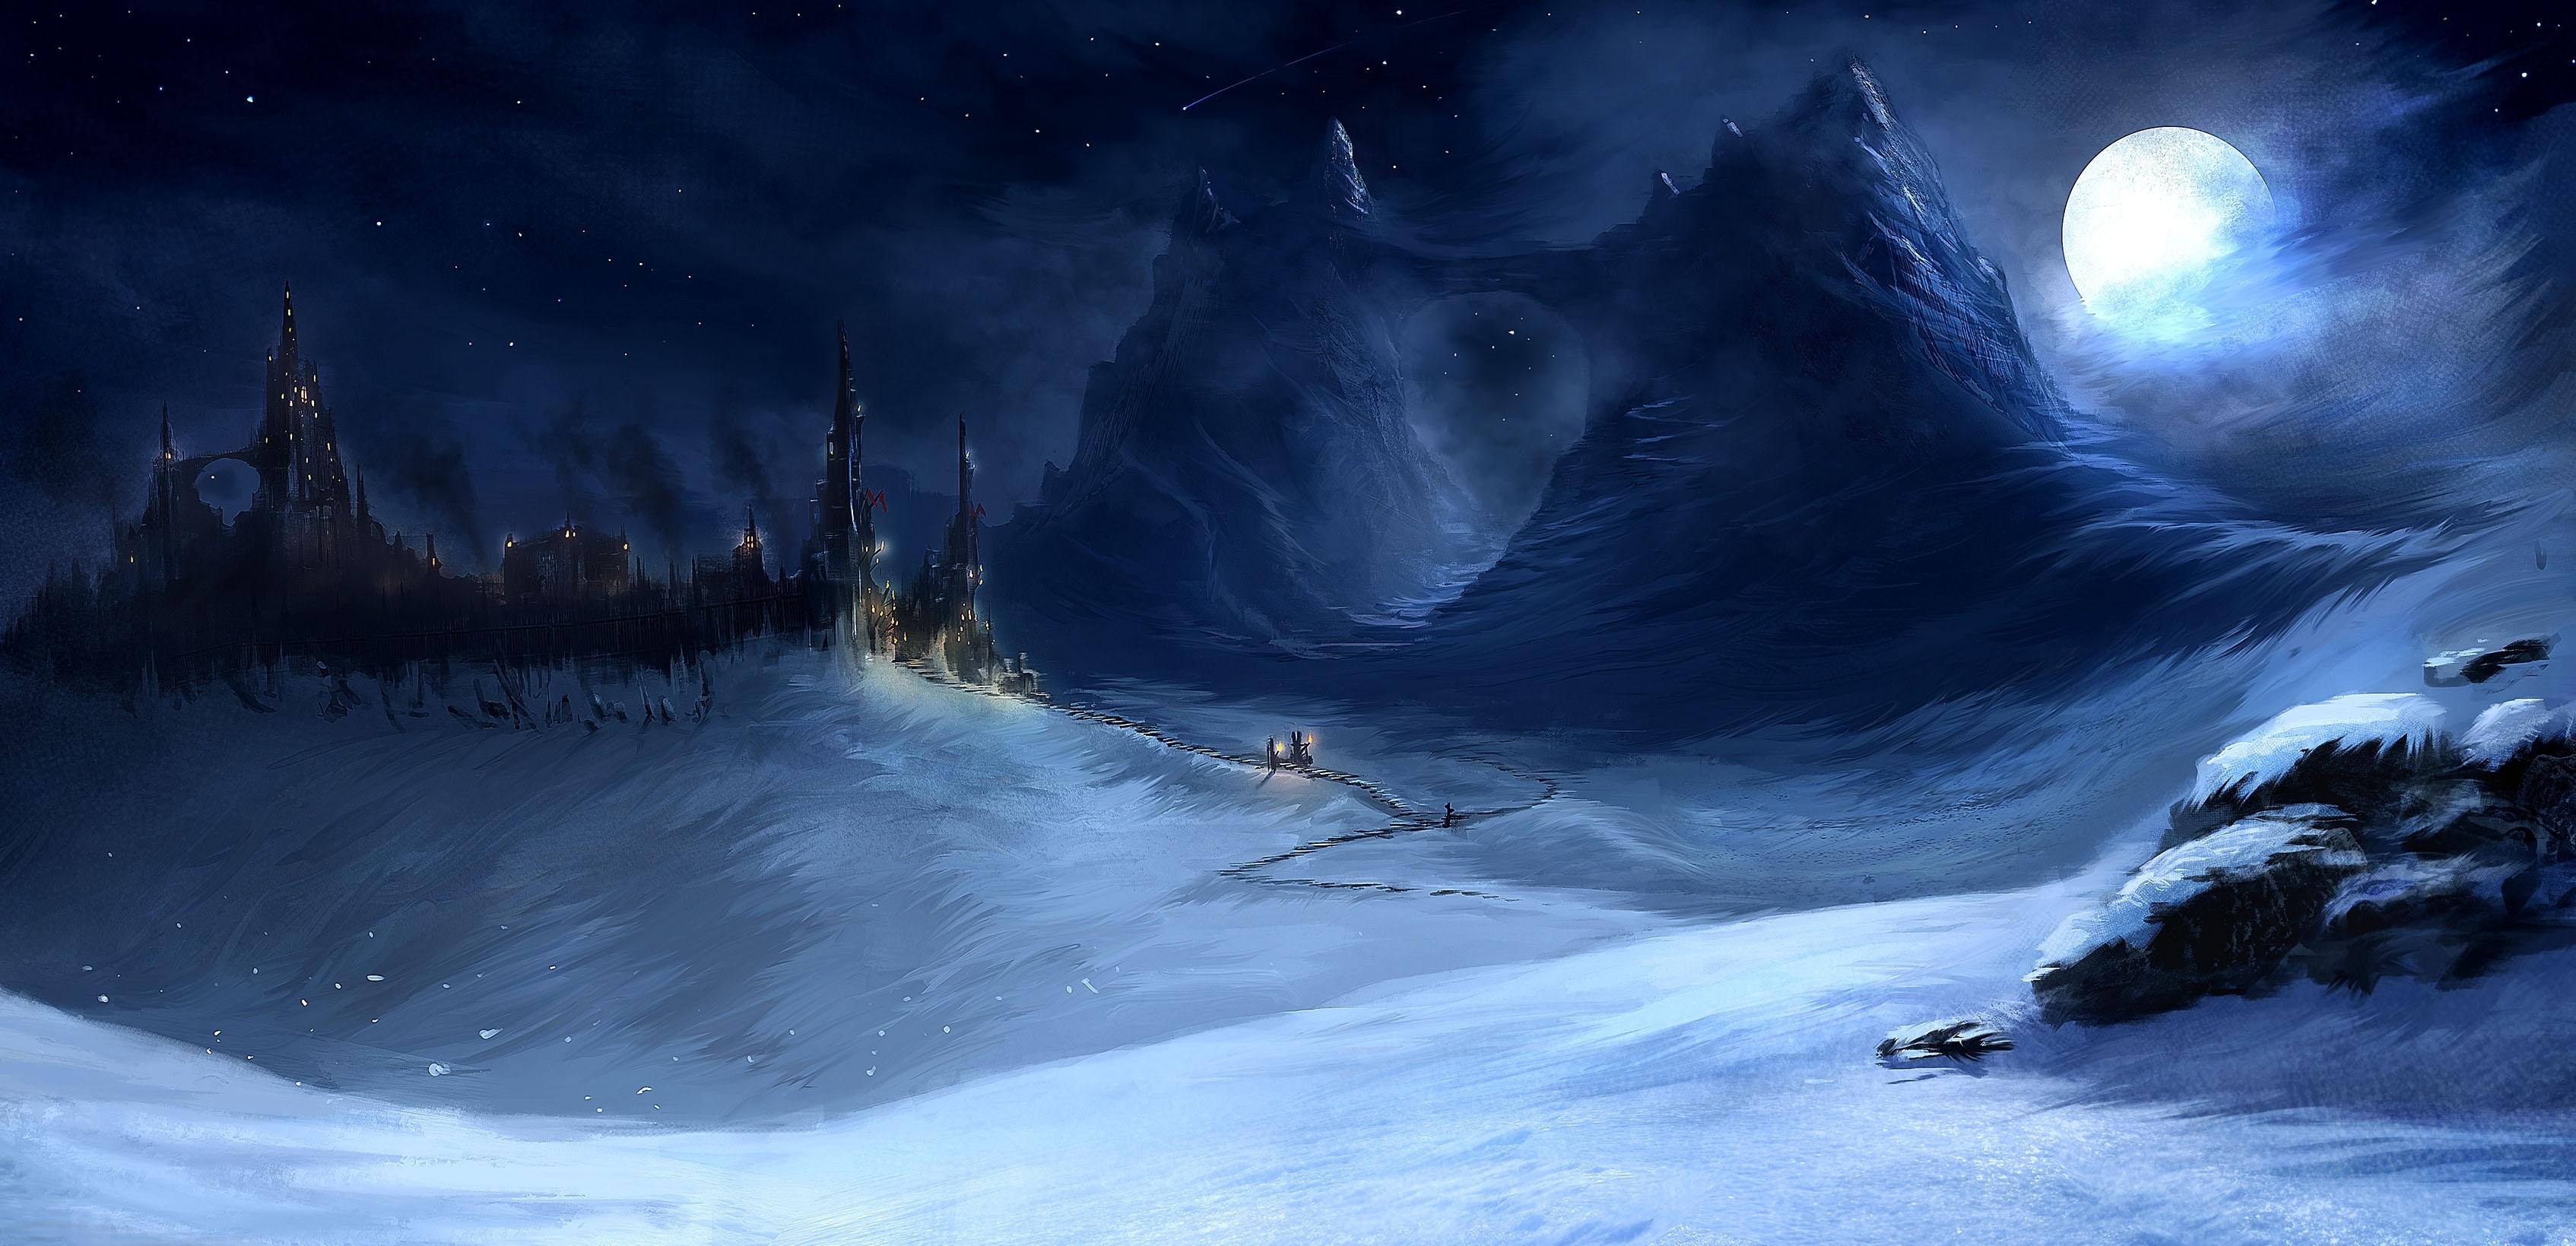 winter snow mountain moon - photo #48